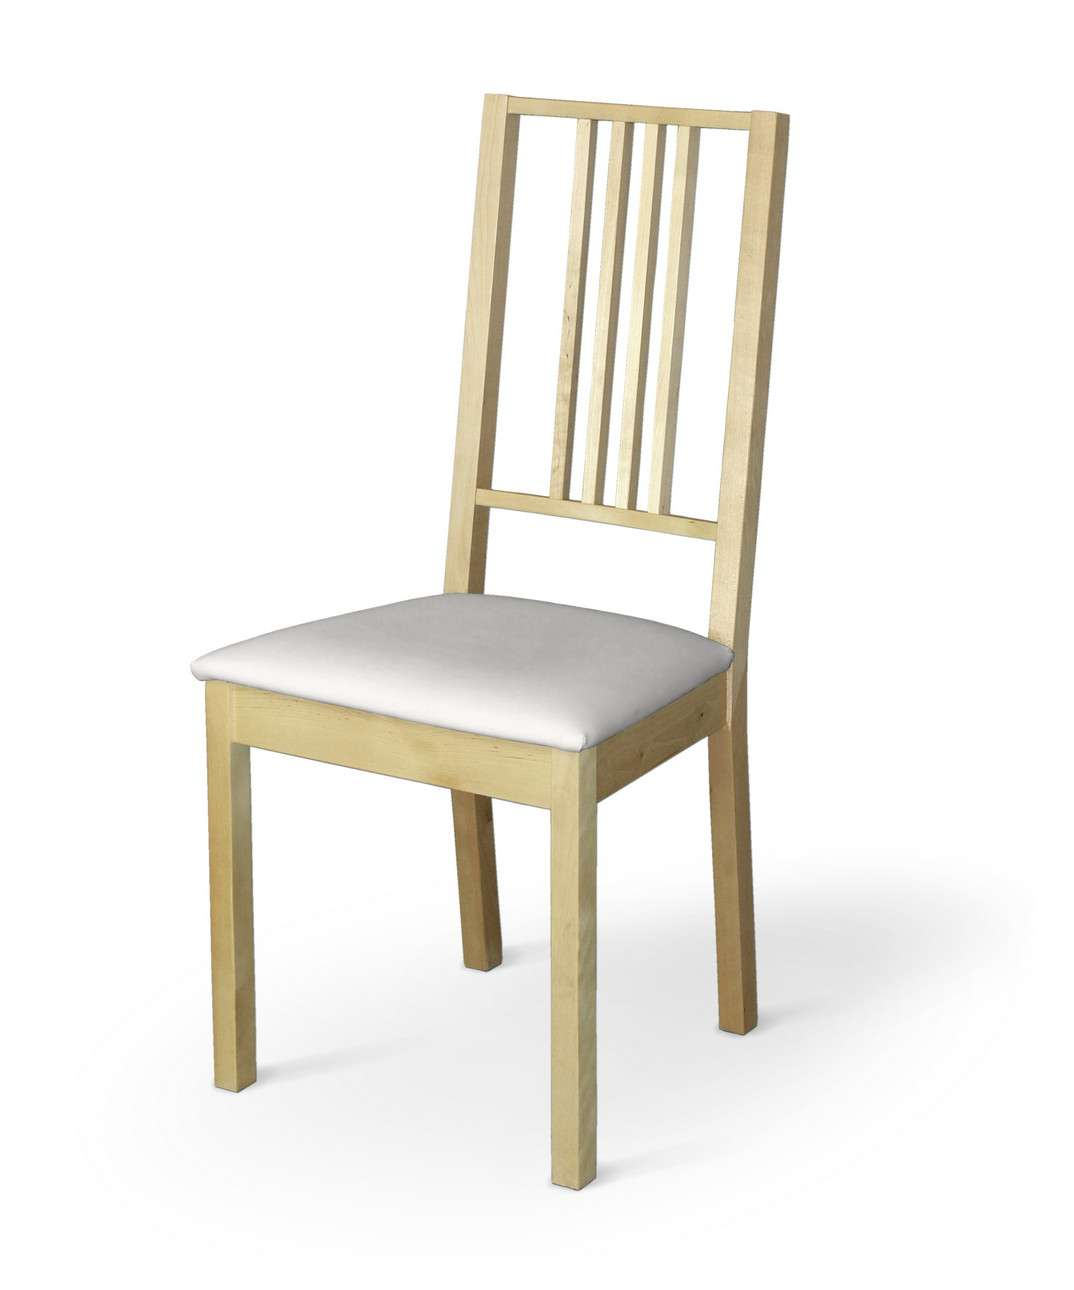 Börje kėdės užvalkalas Börje kėdės užvalkalas kolekcijoje Cotton Panama, audinys: 702-34